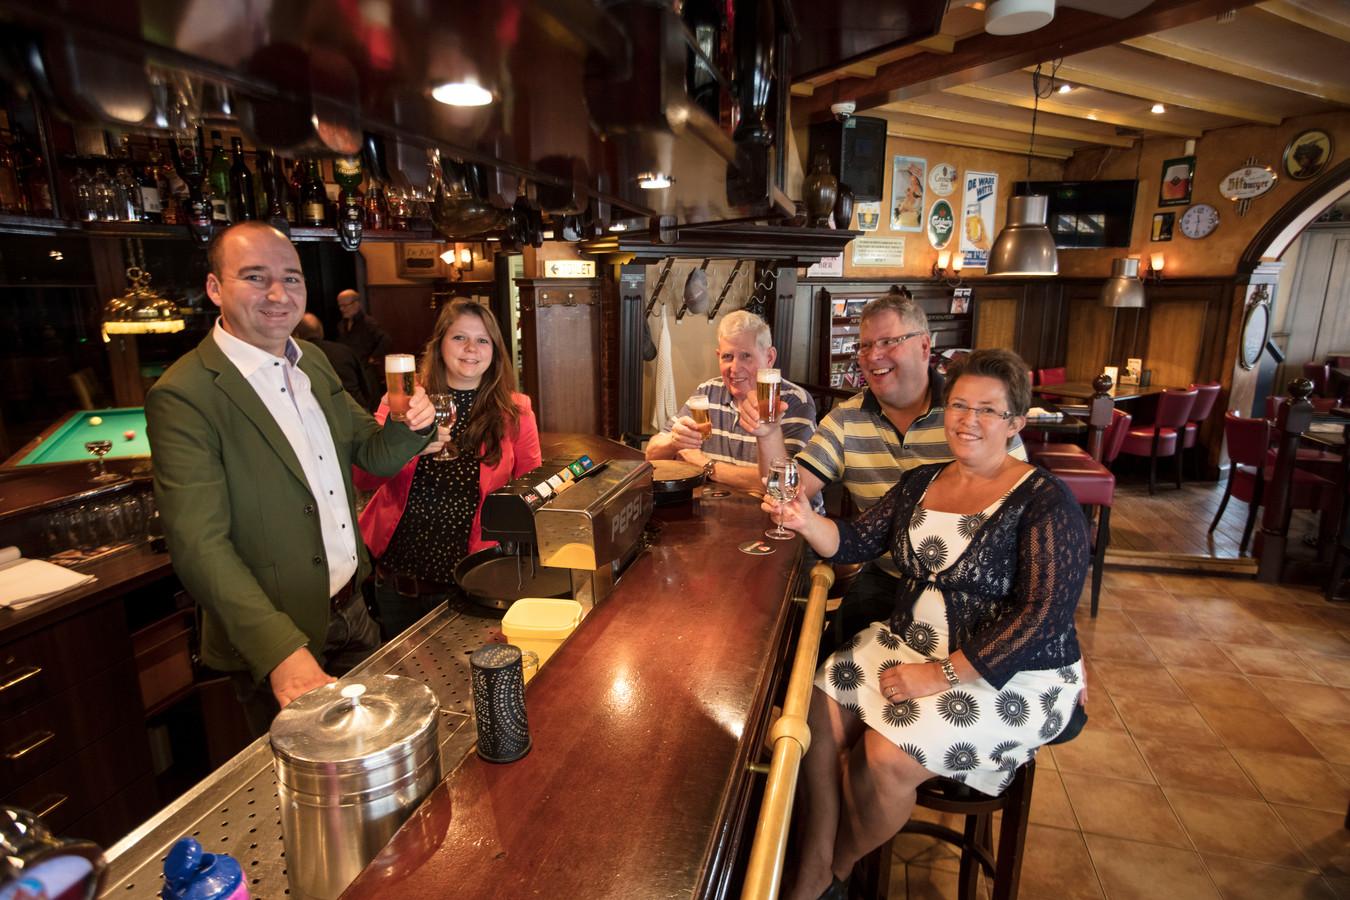 Sander van Bokhoven en Ilse Aarts (achter de bar) nemen café Jan van Hoek in Asten over van Peter en Jose van Hoek. In het midden zit oprichter en naamgever Jan van Hoek.